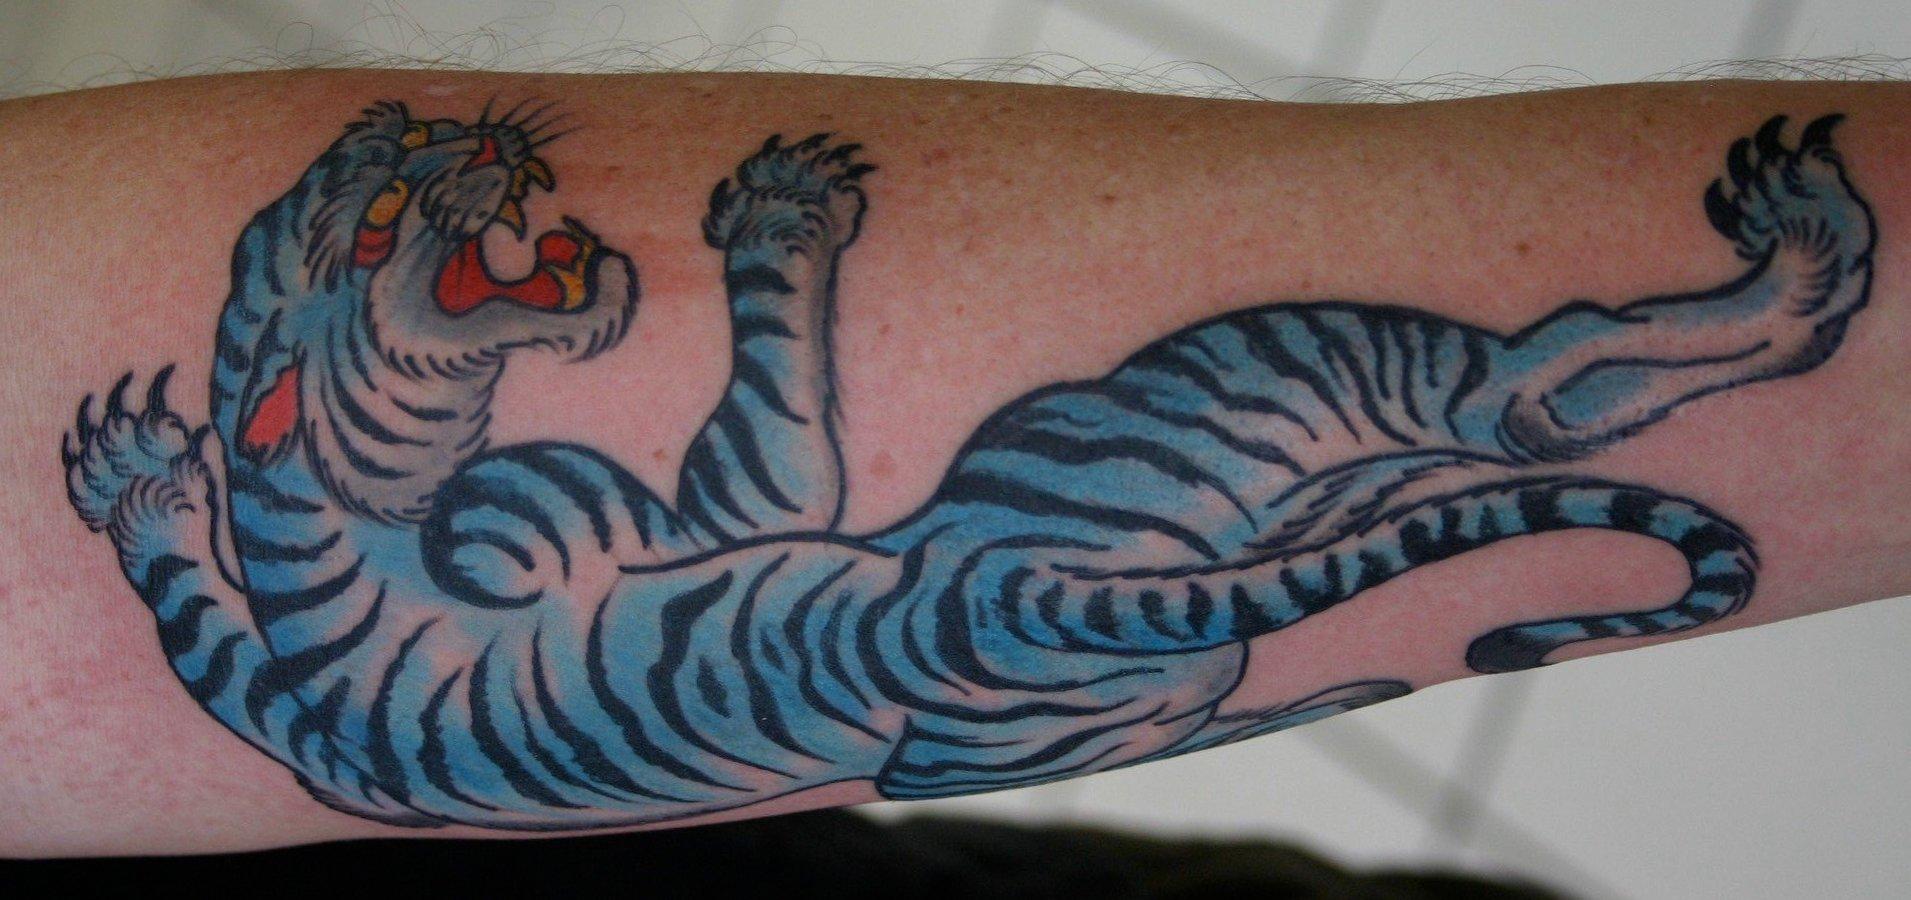 flügel tattoo bedeutung